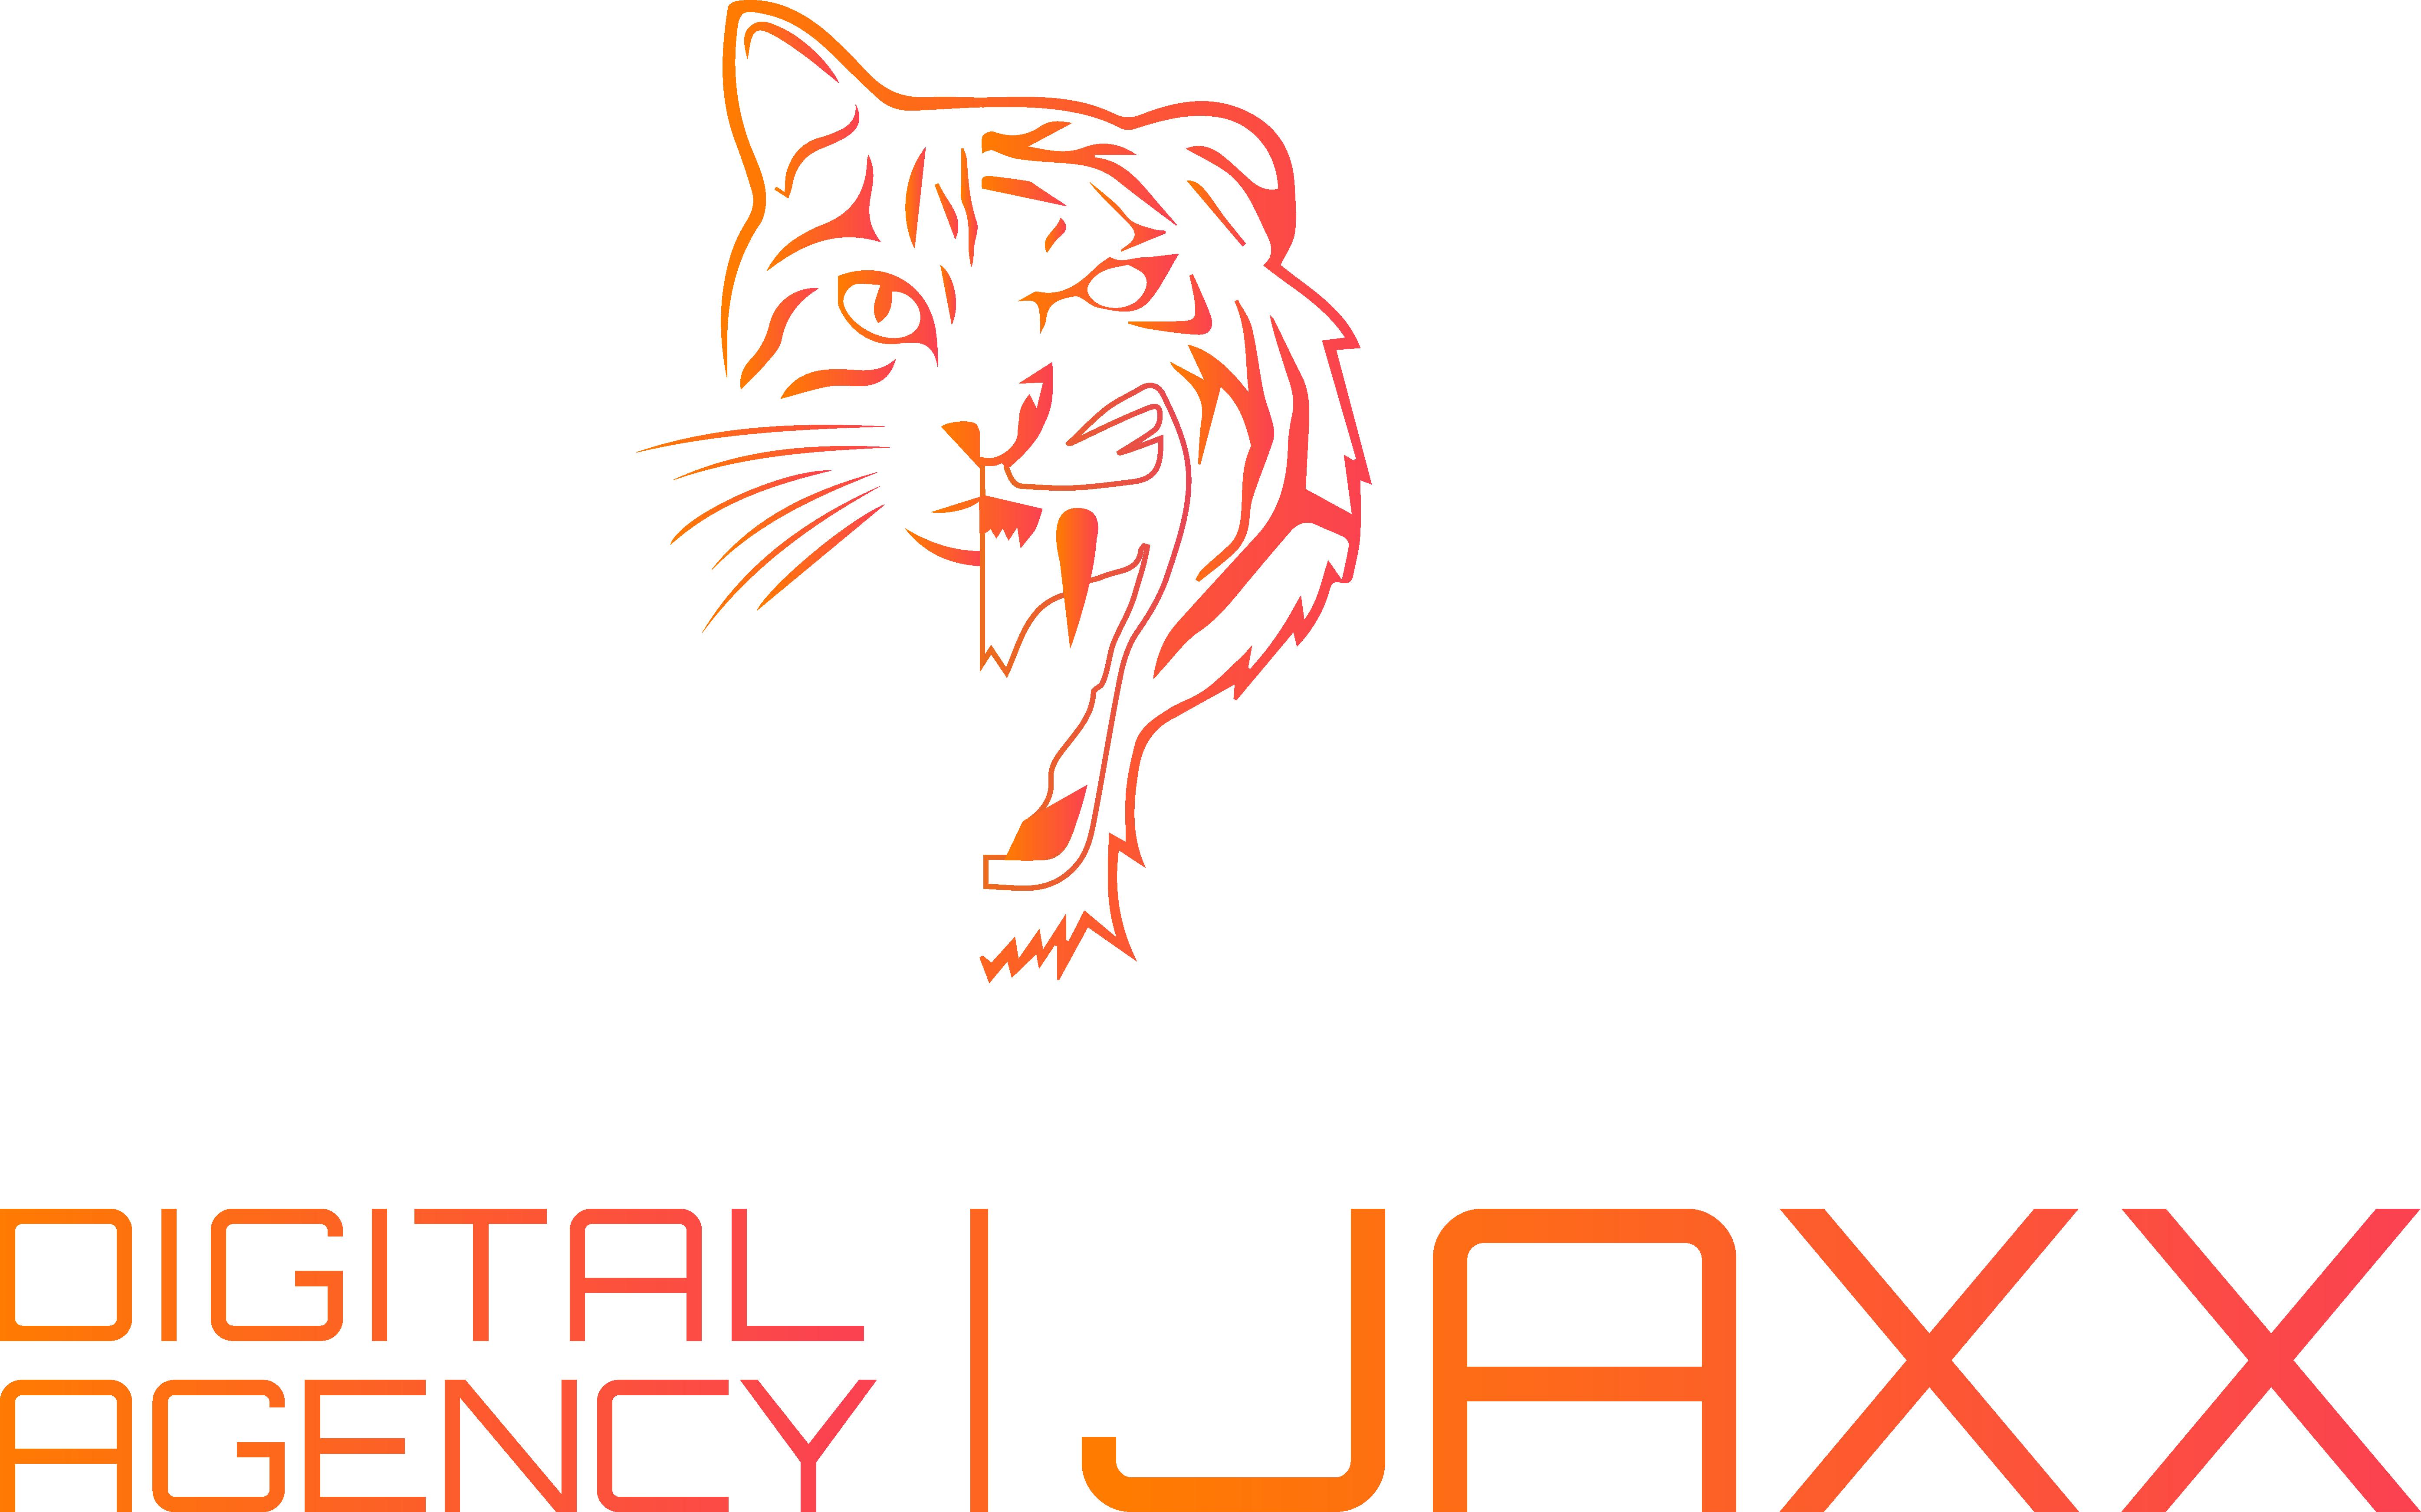 Bureau JaxX